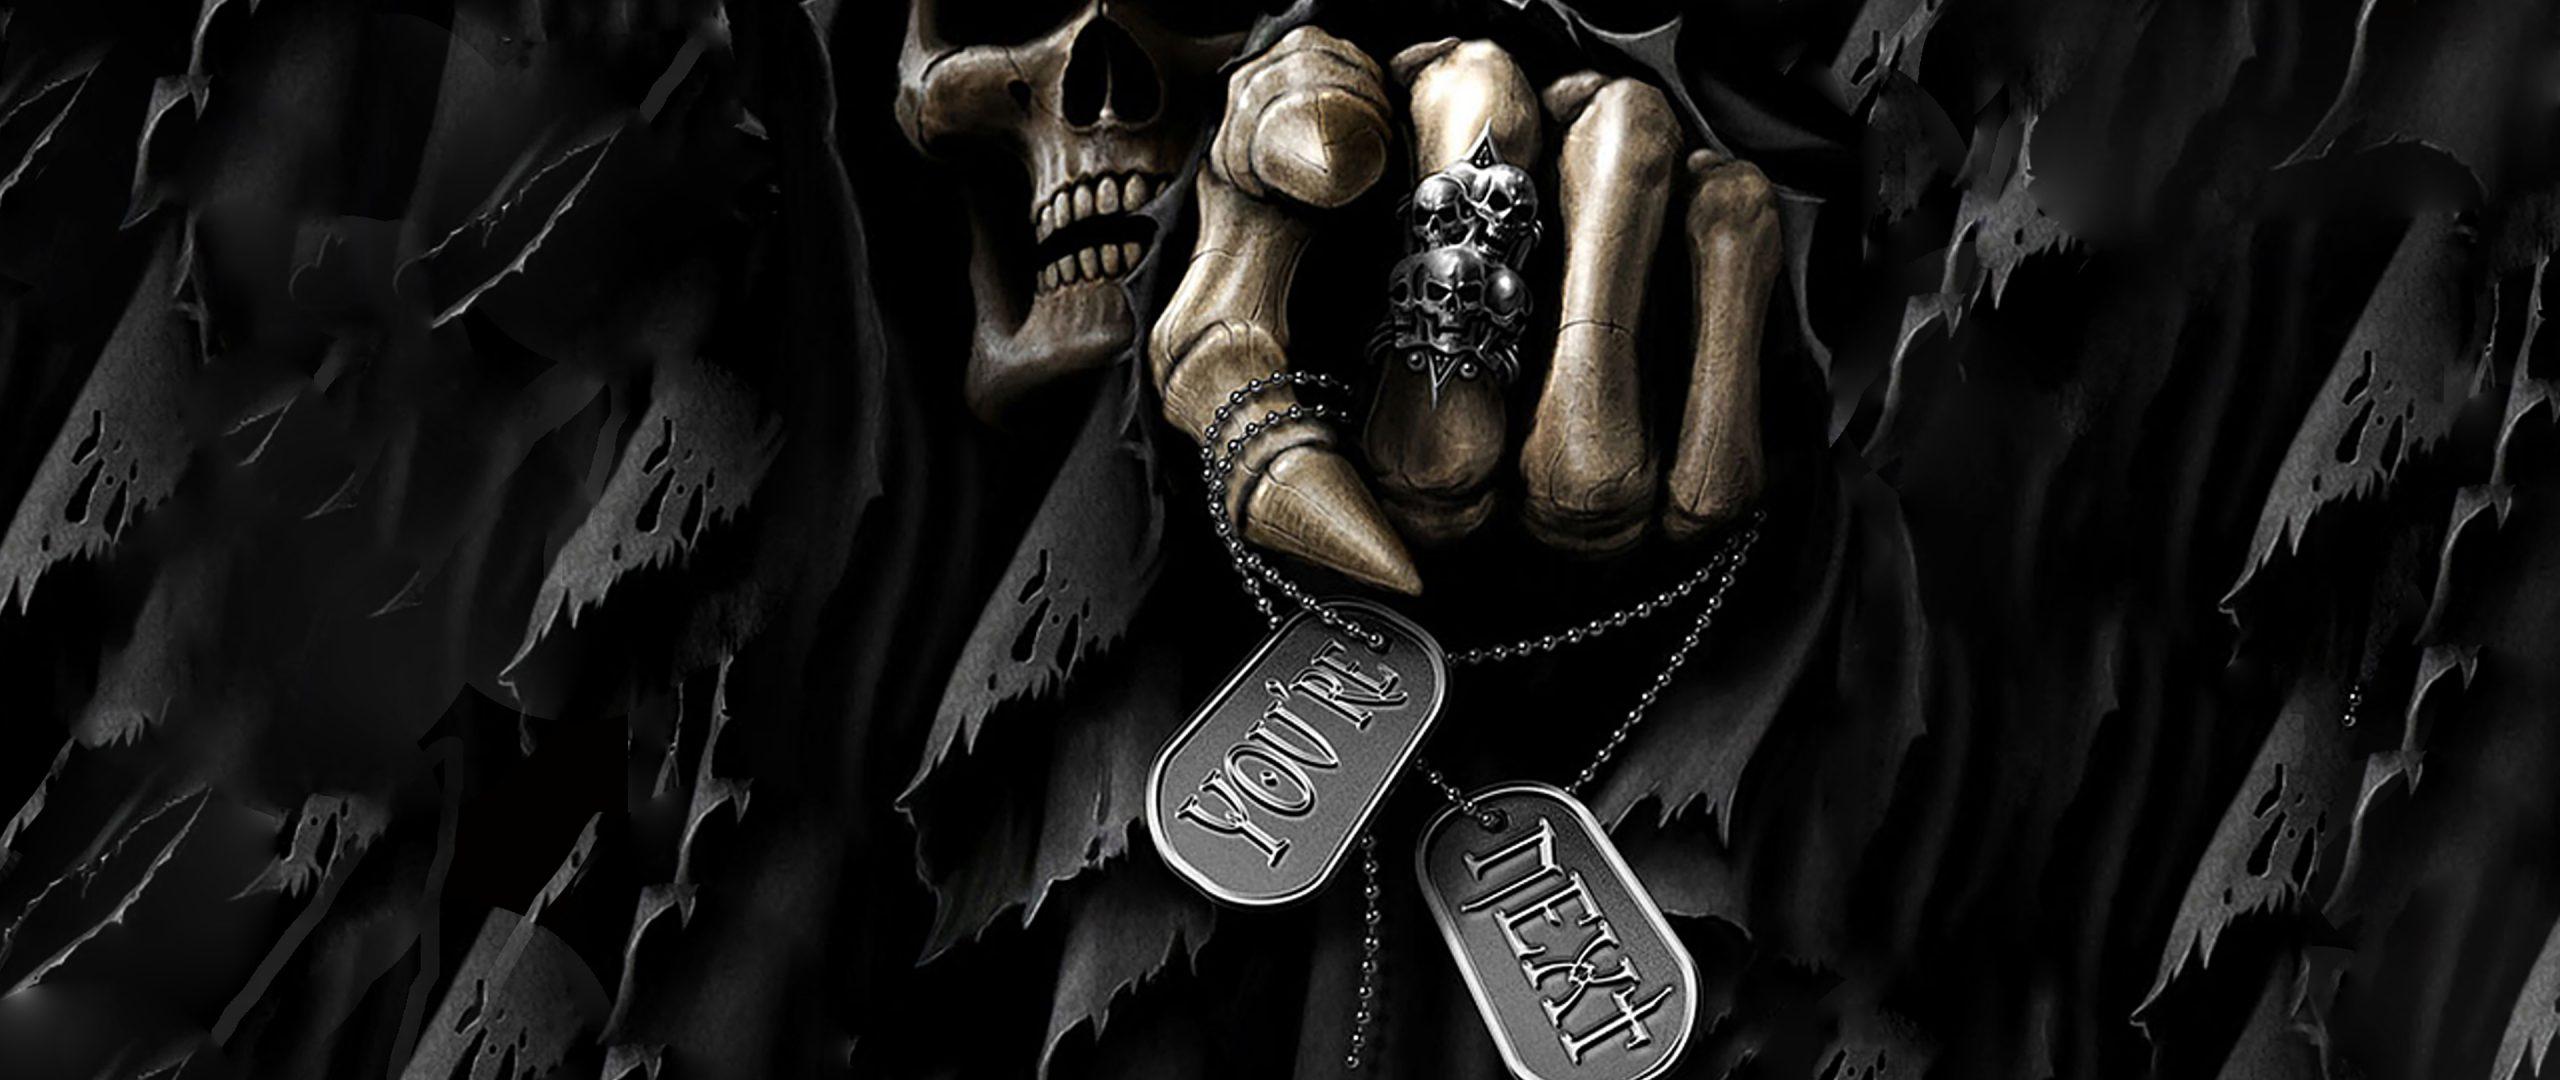 Skull And Bones 2018 Video Game 4k Hd Desktop Wallpaper: Skull Locket Game Fear 4K Wallpaper